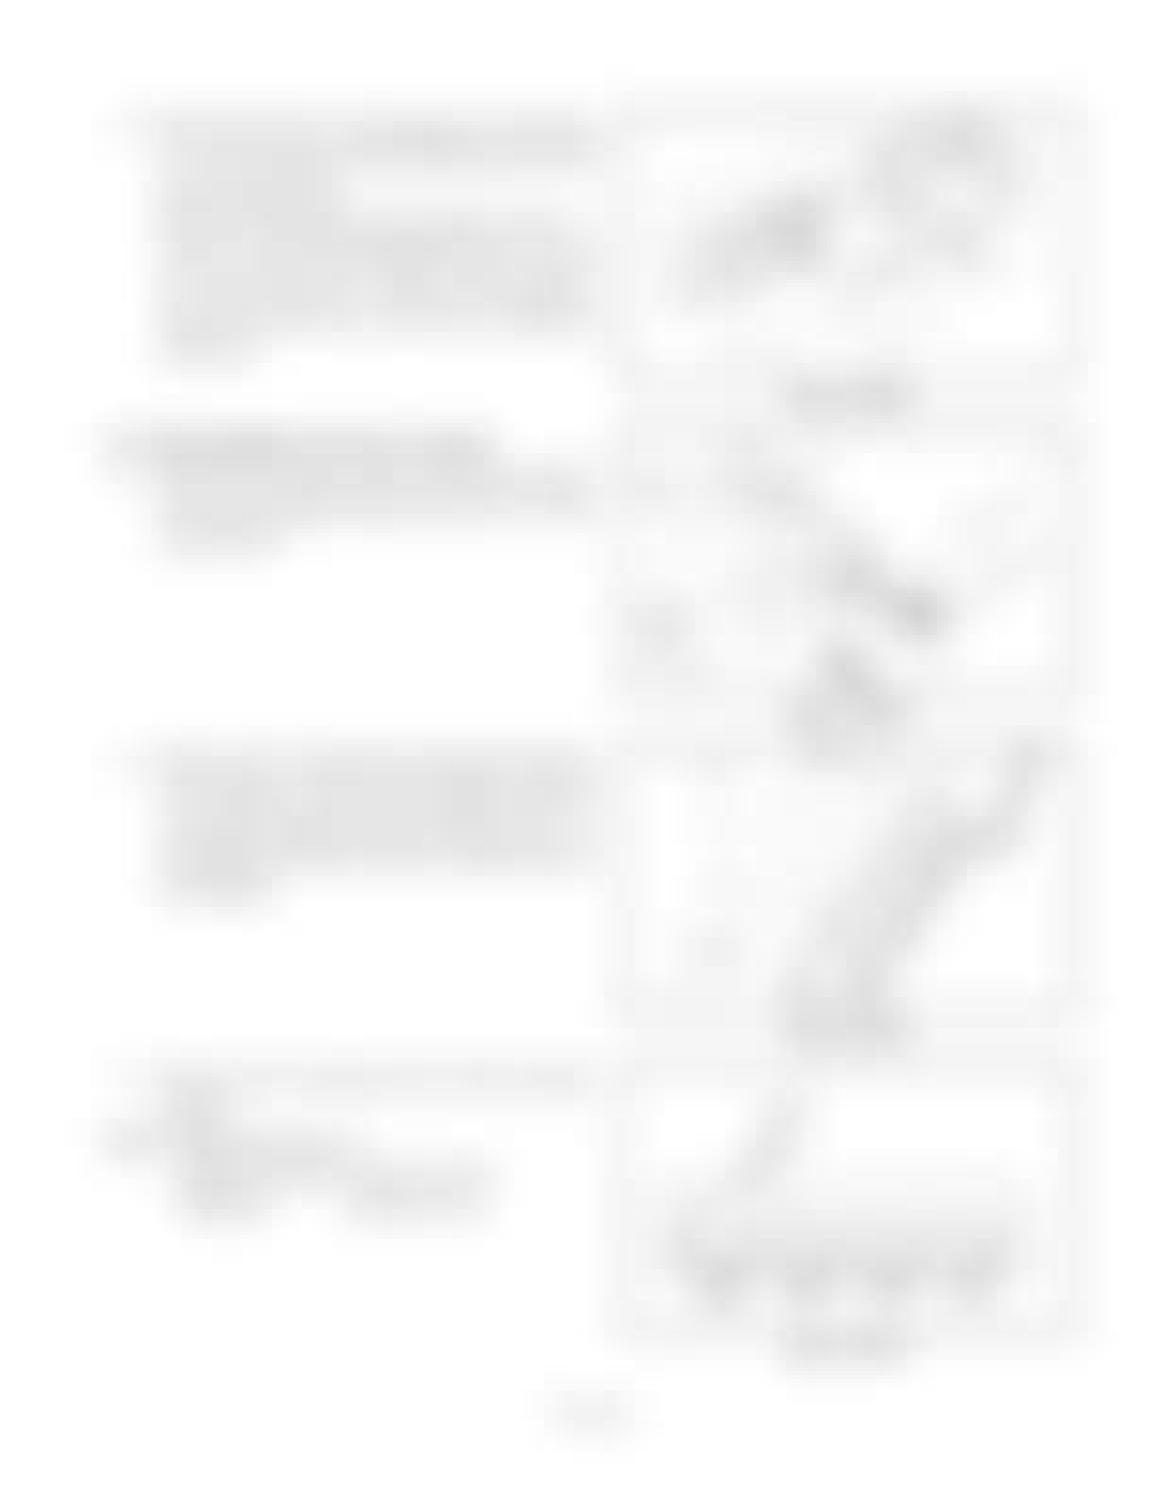 Hitachi LX110-7 LX130-7 LX160-7 LX190-7 LX230-7 Wheel Loader Workshop Manual - PDF DOWNLOAD page 53